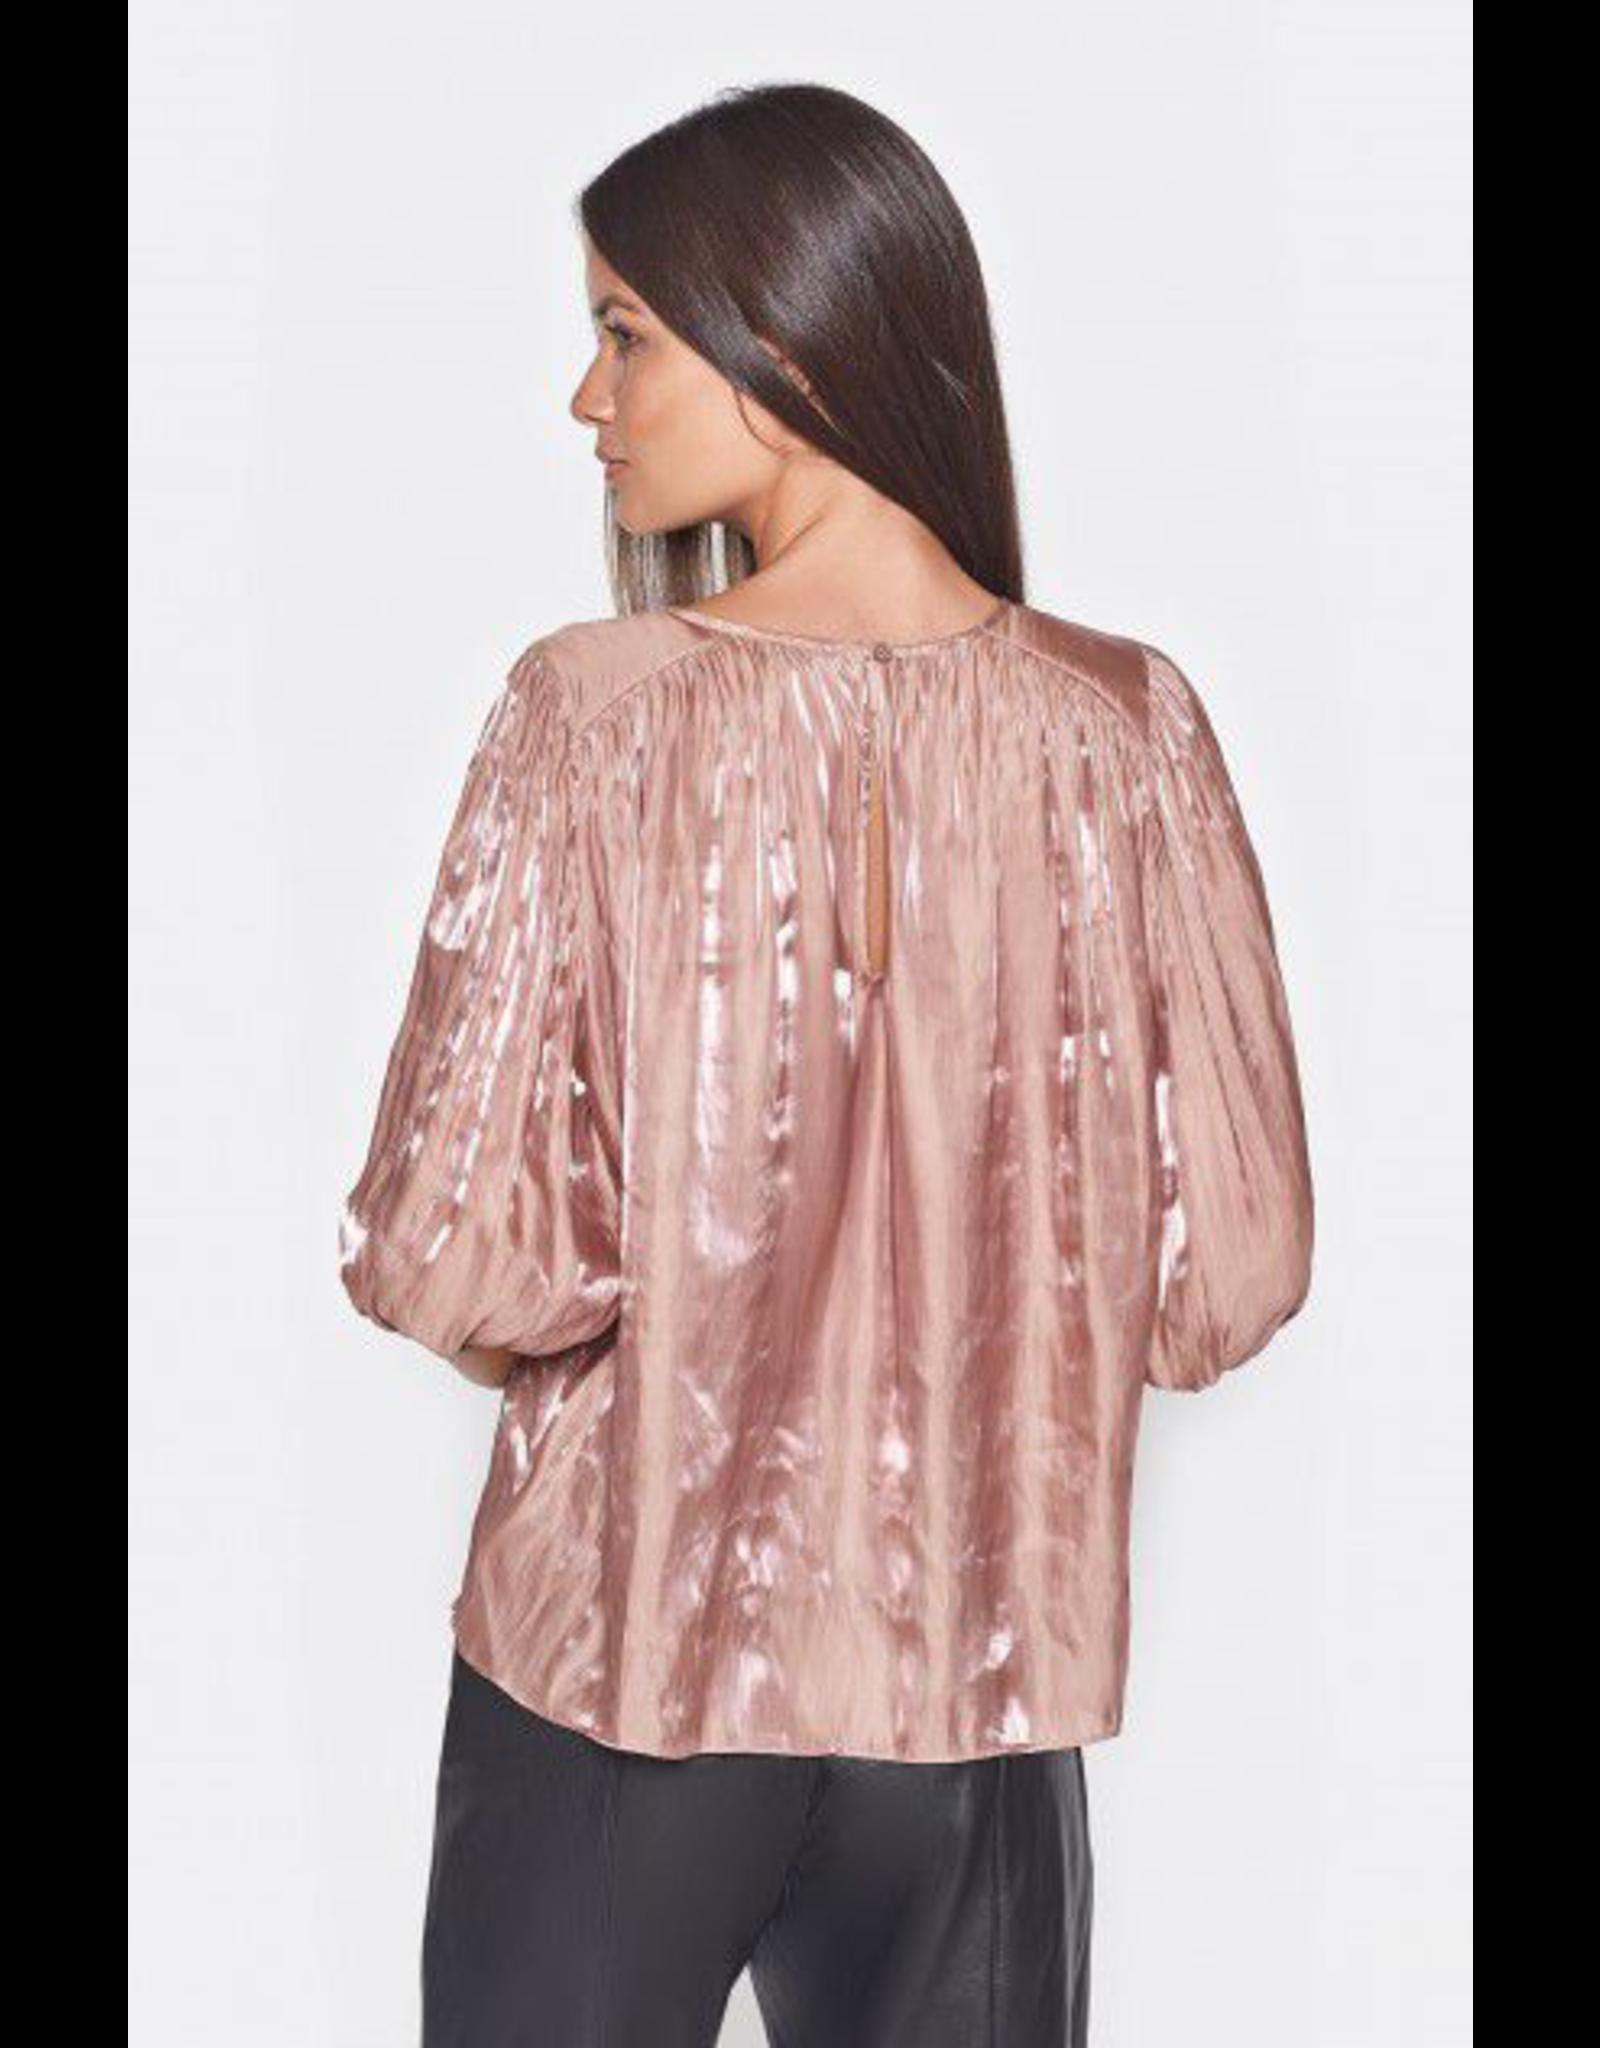 joie joie adalaida blouse